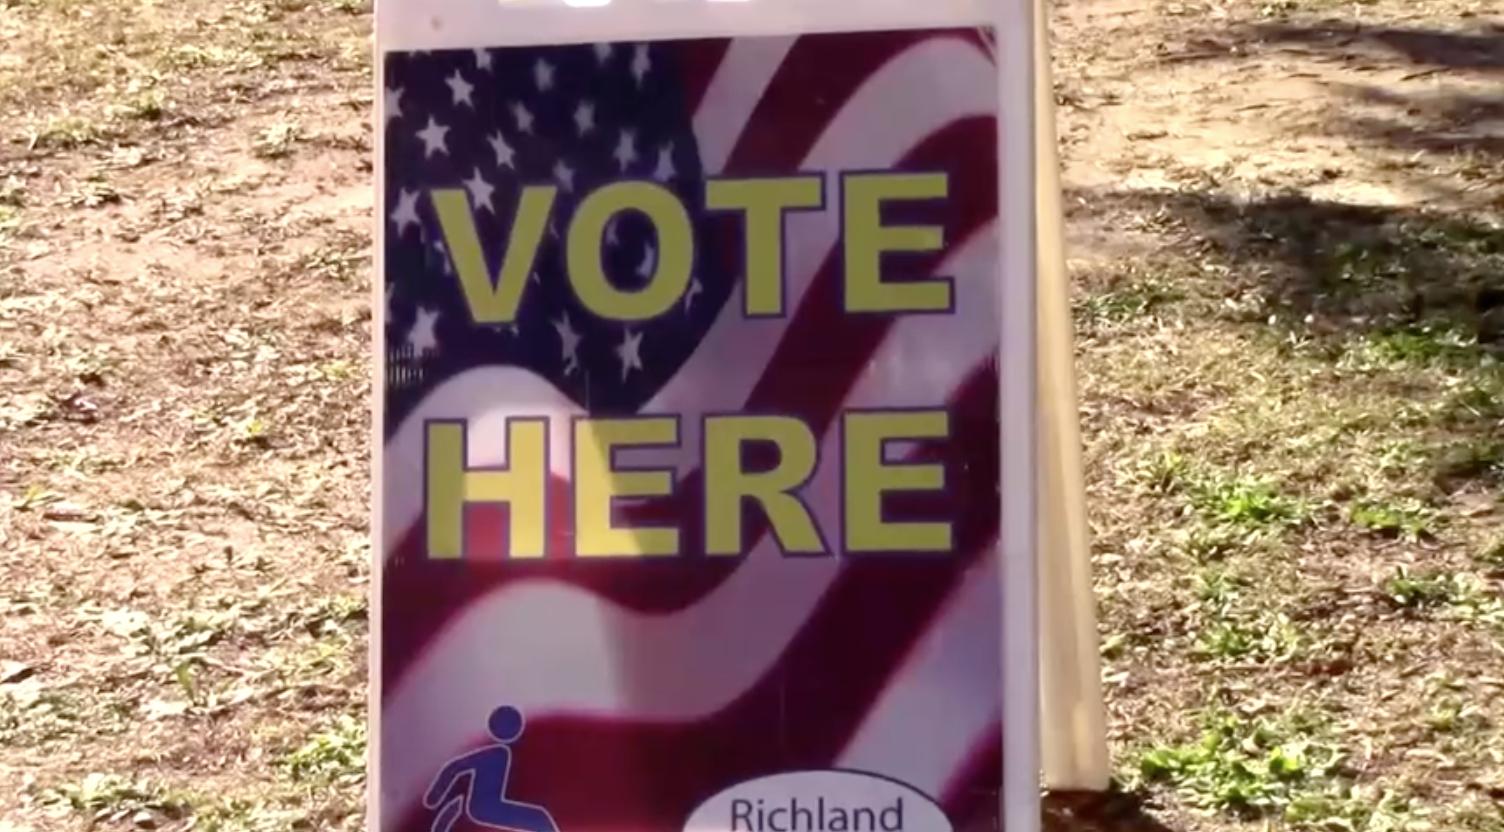 Tối Cao Pháp Viện cho phép Pennsylvania kéo dài thời gian nhận phiếu bầu thêm 3 ngày